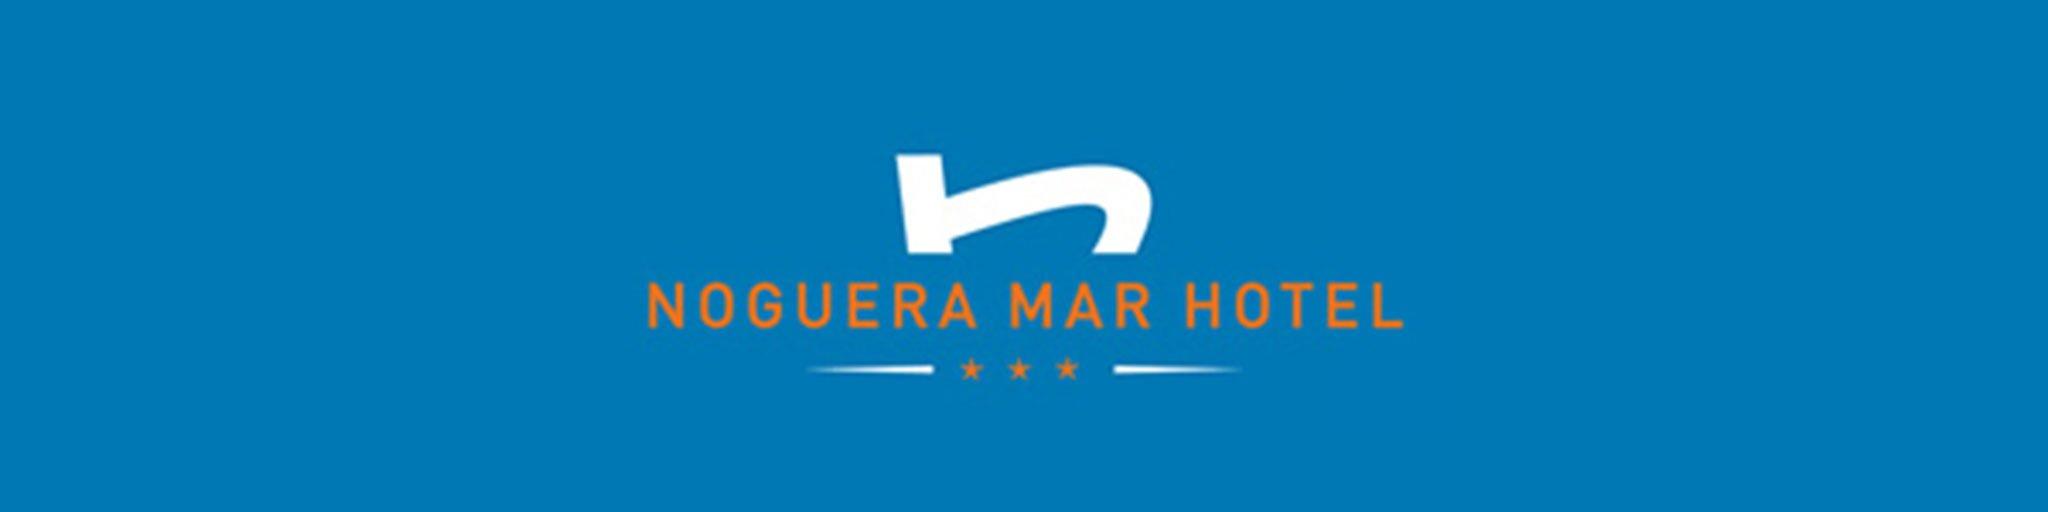 Logotipo de Noguera Mar Hotel